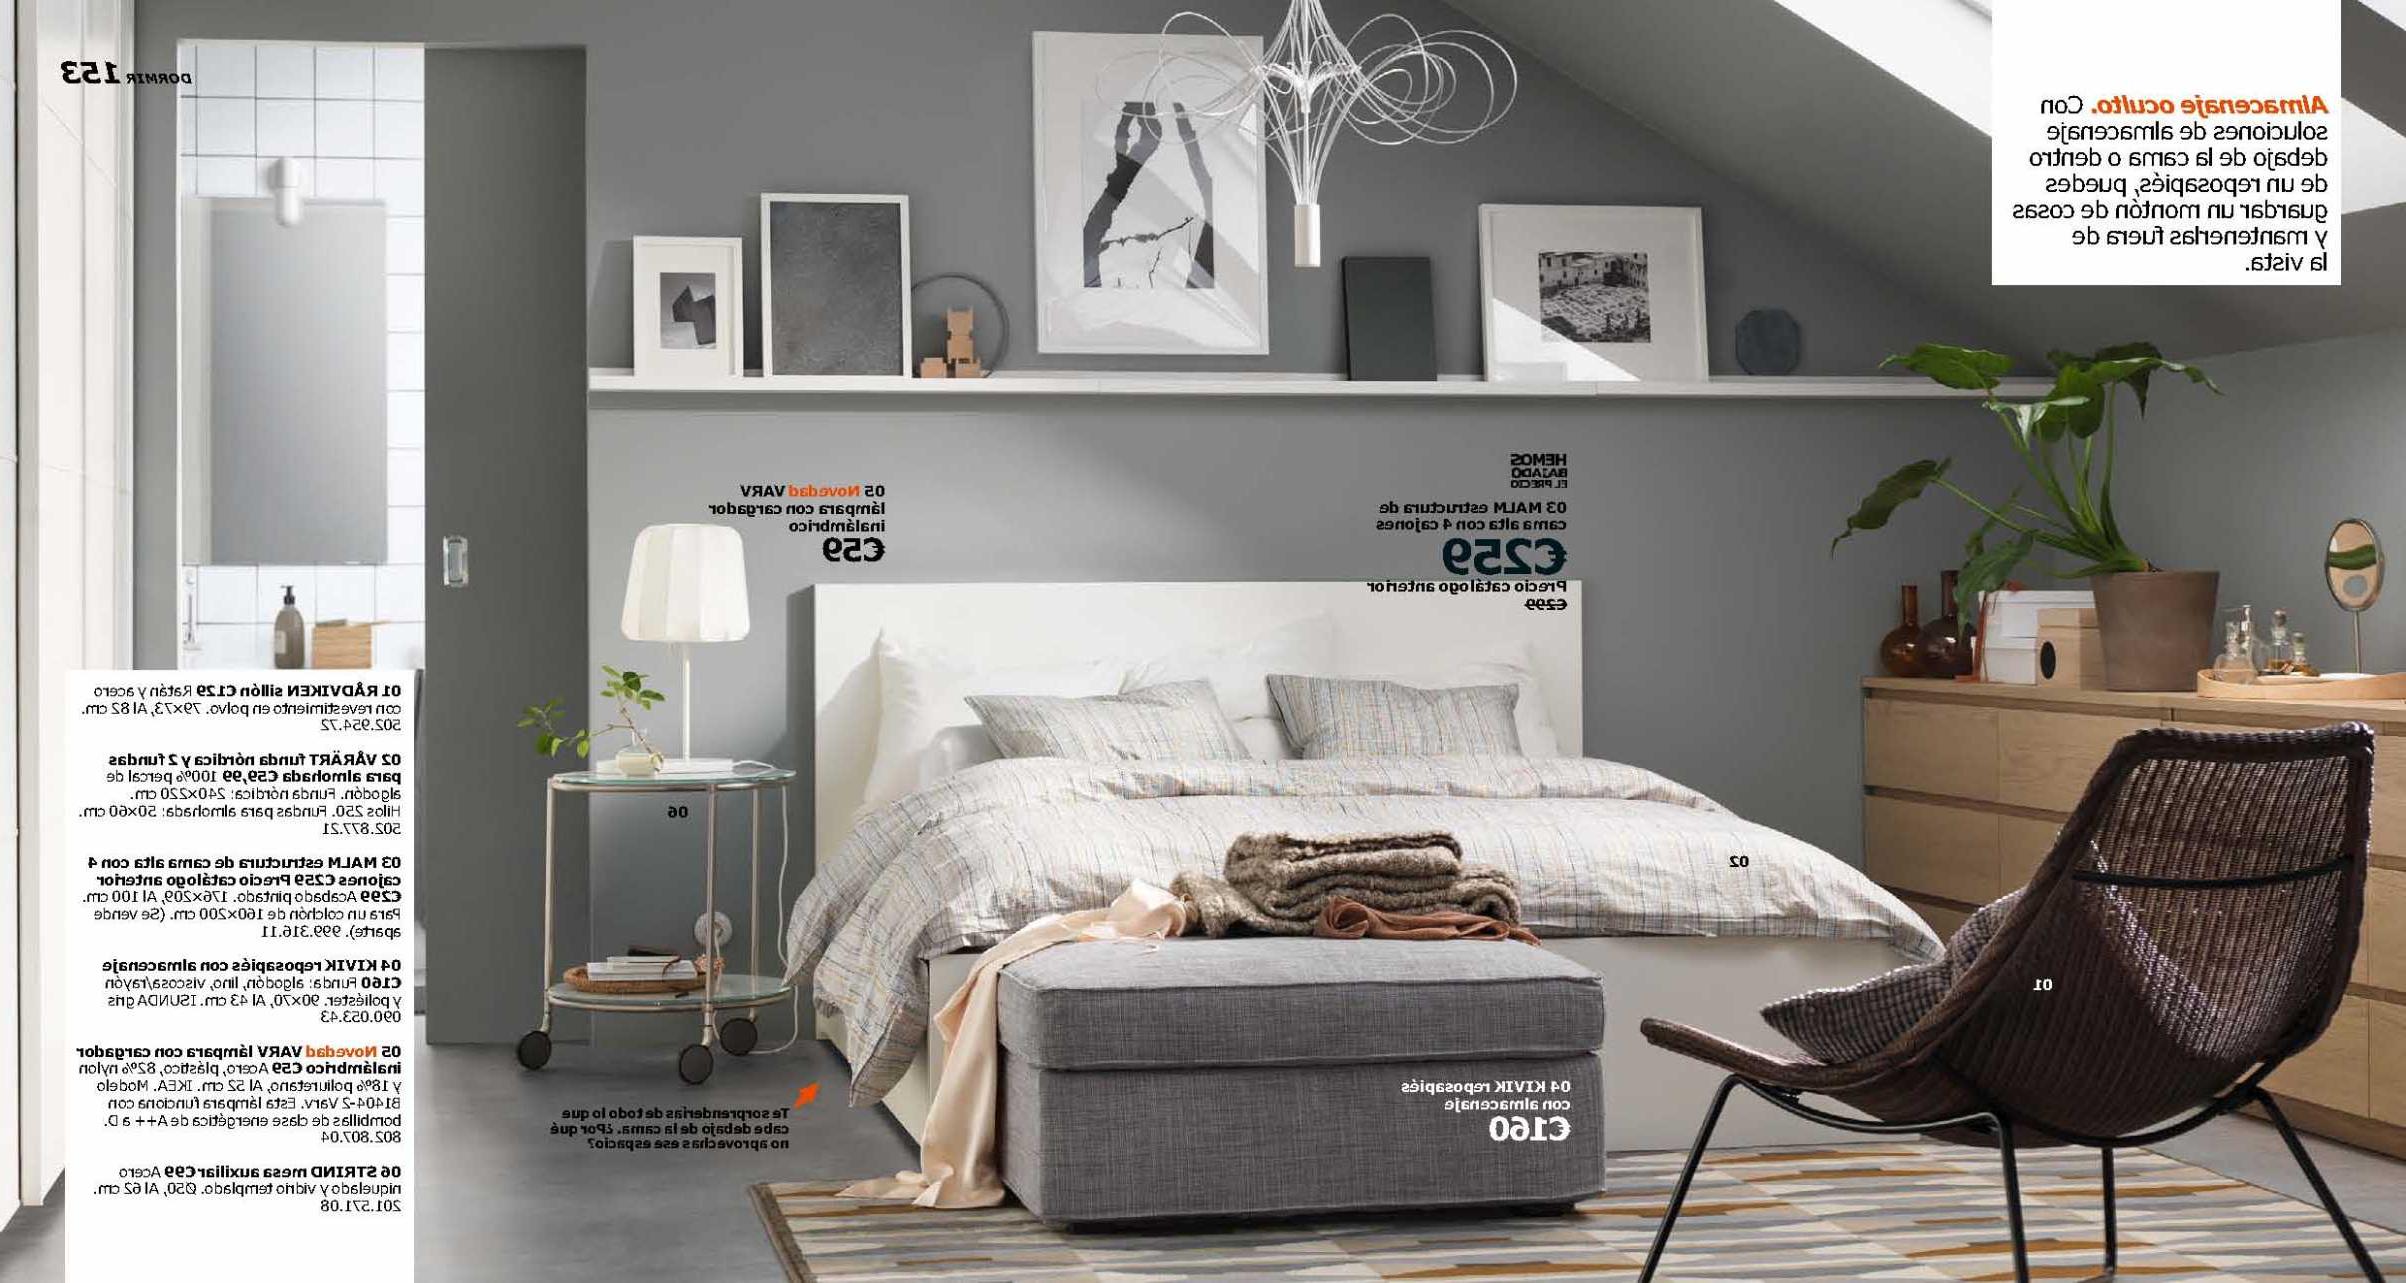 Sillon Dormitorio Ikea Tqd3 Ikea Sillon Nios Amazing butacas Dormitorio Baratas Para